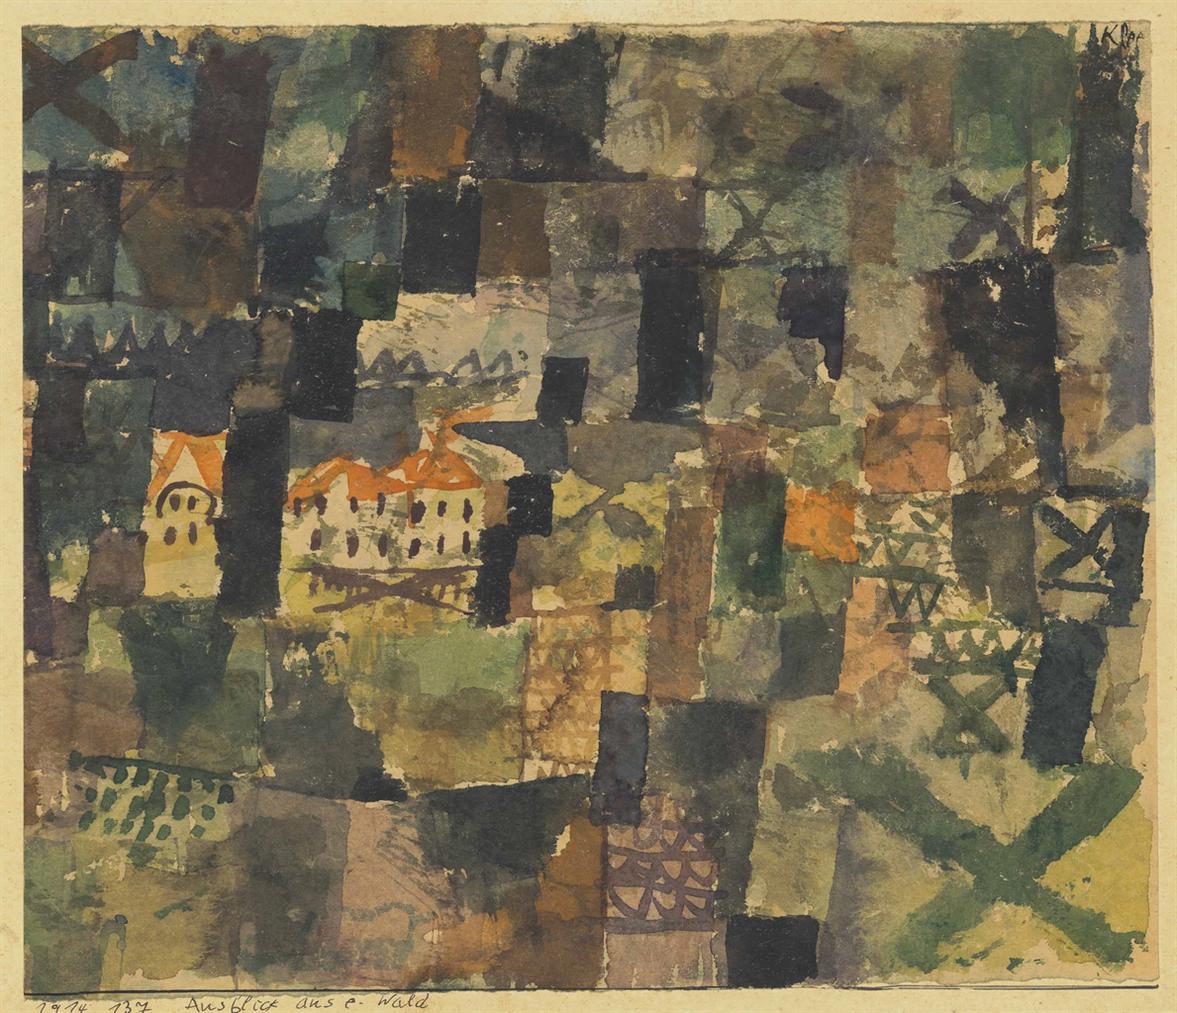 Paul Klee-Ausblick Aus E. Wald-1914